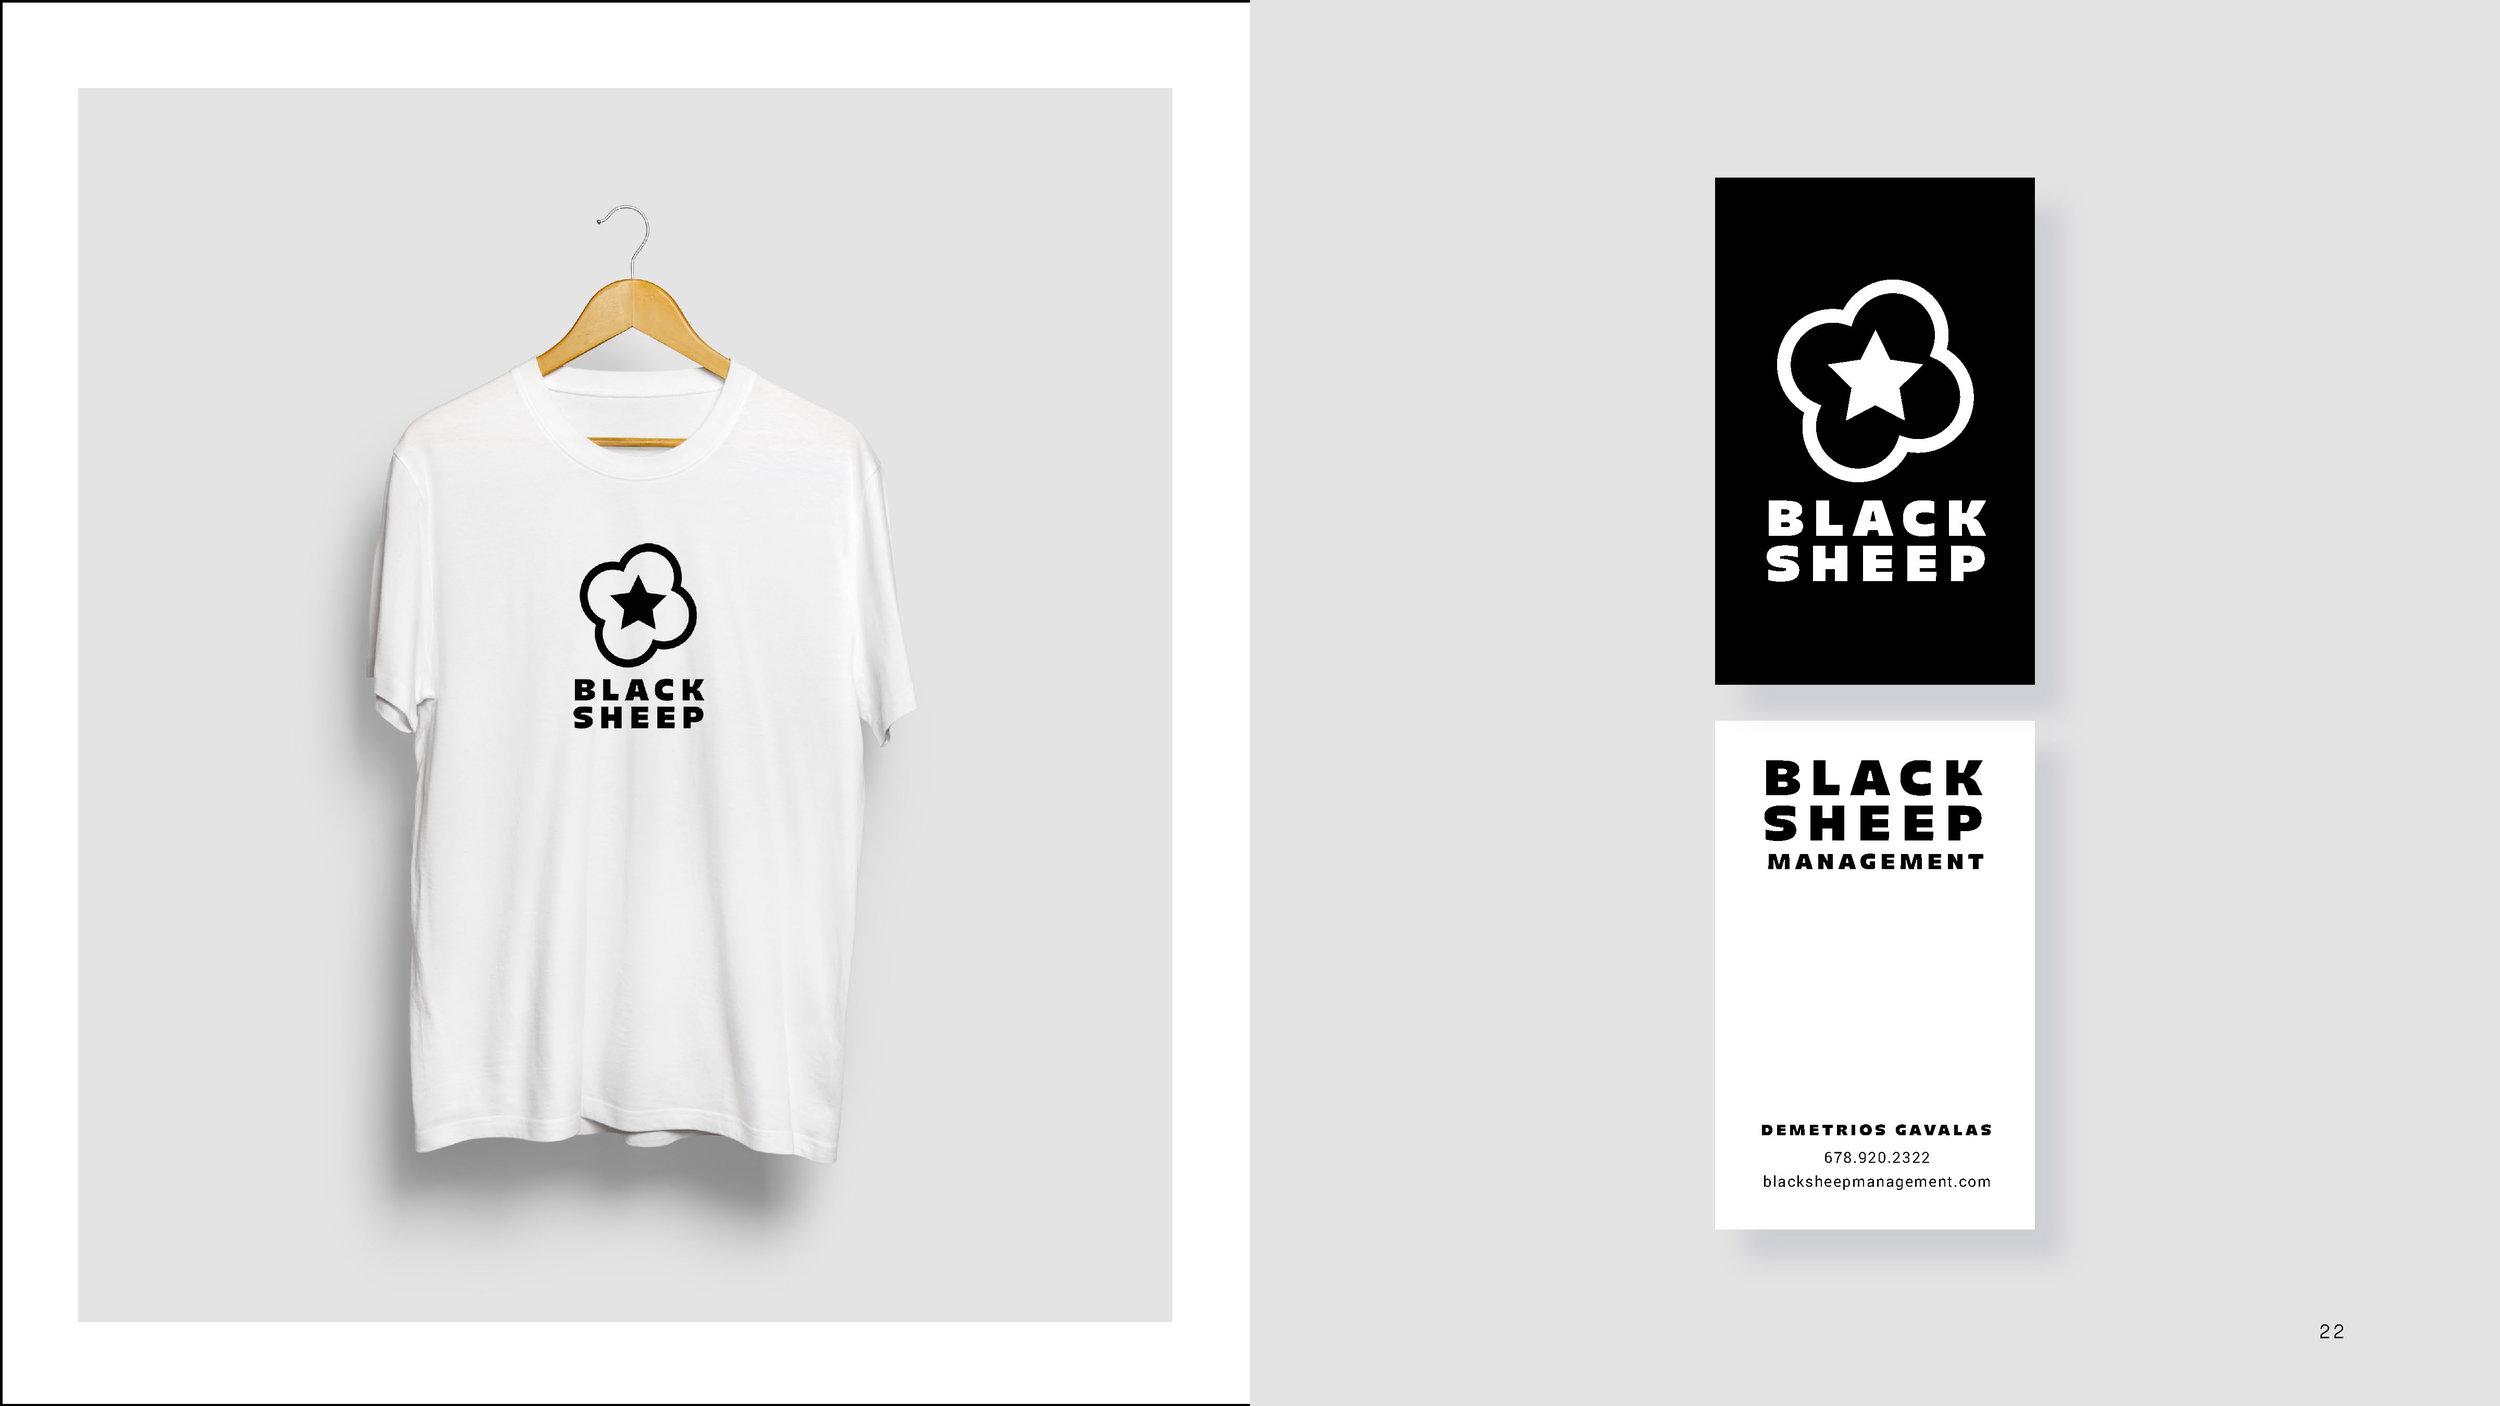 BlackSheepManagement_Logo_v1 2_Page_22.jpg